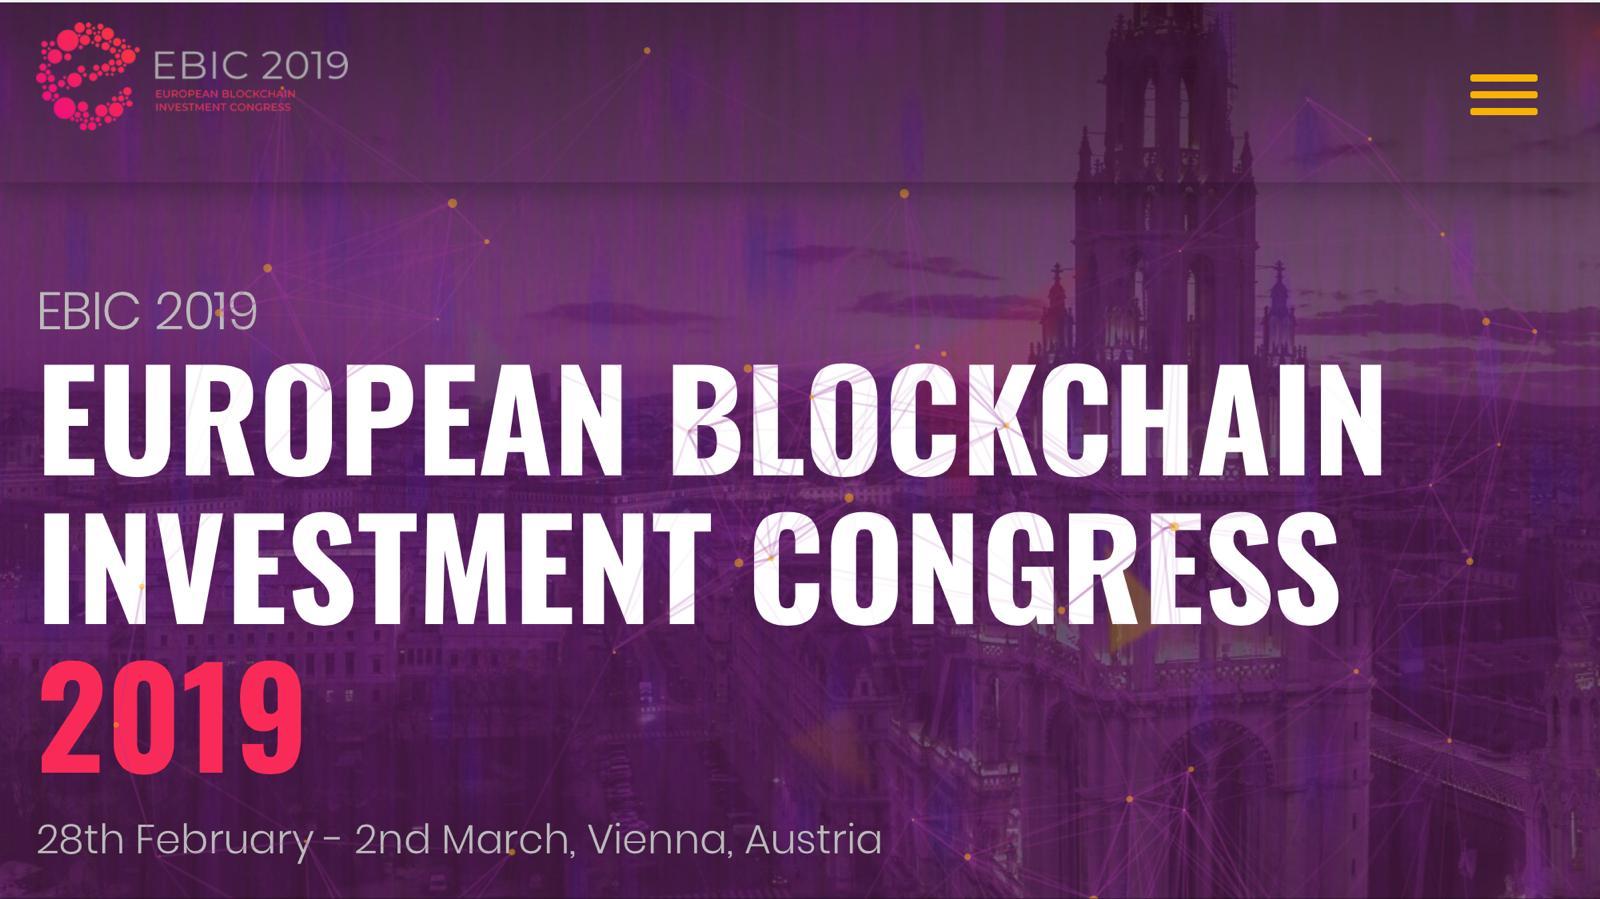 [PR] European Blockchain Investment Congress 2019: Thảo luận tiềm năng của Blockchain trong nền kinh tế hiện đại